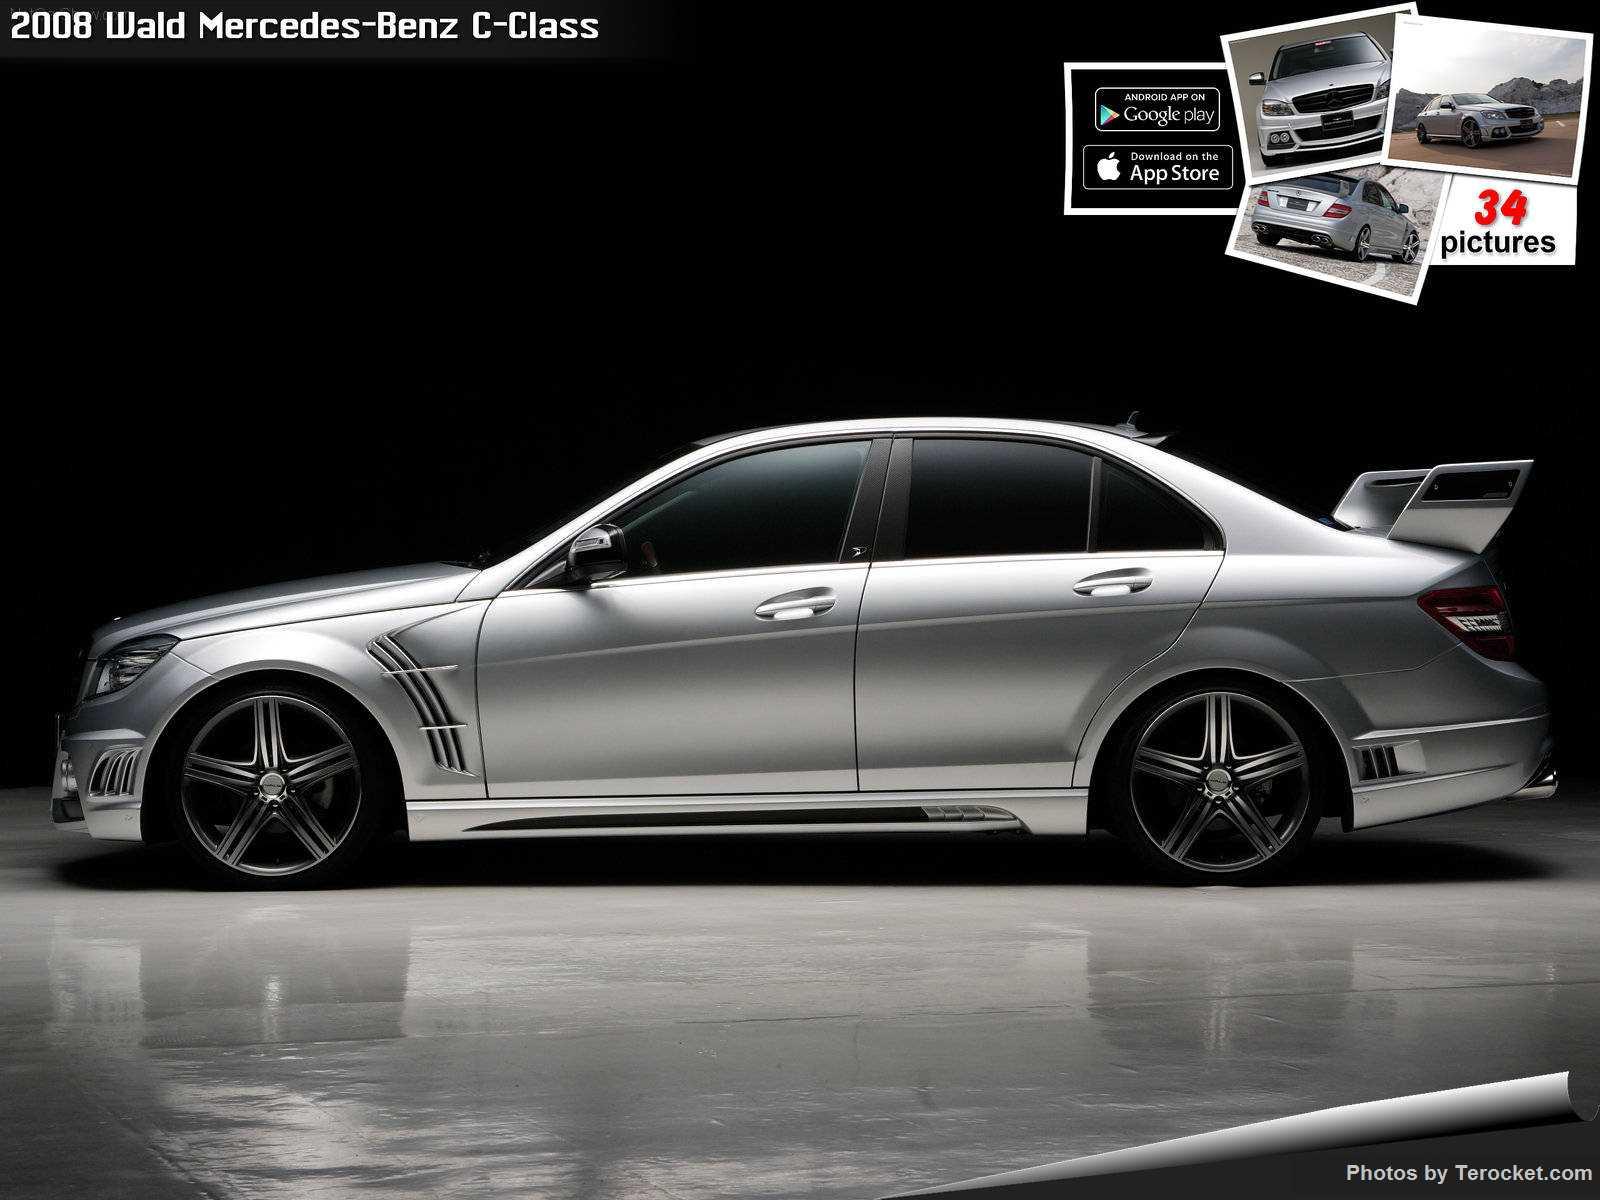 Hình ảnh xe độ Wald Mercedes-Benz C-Class 2008 & nội ngoại thất